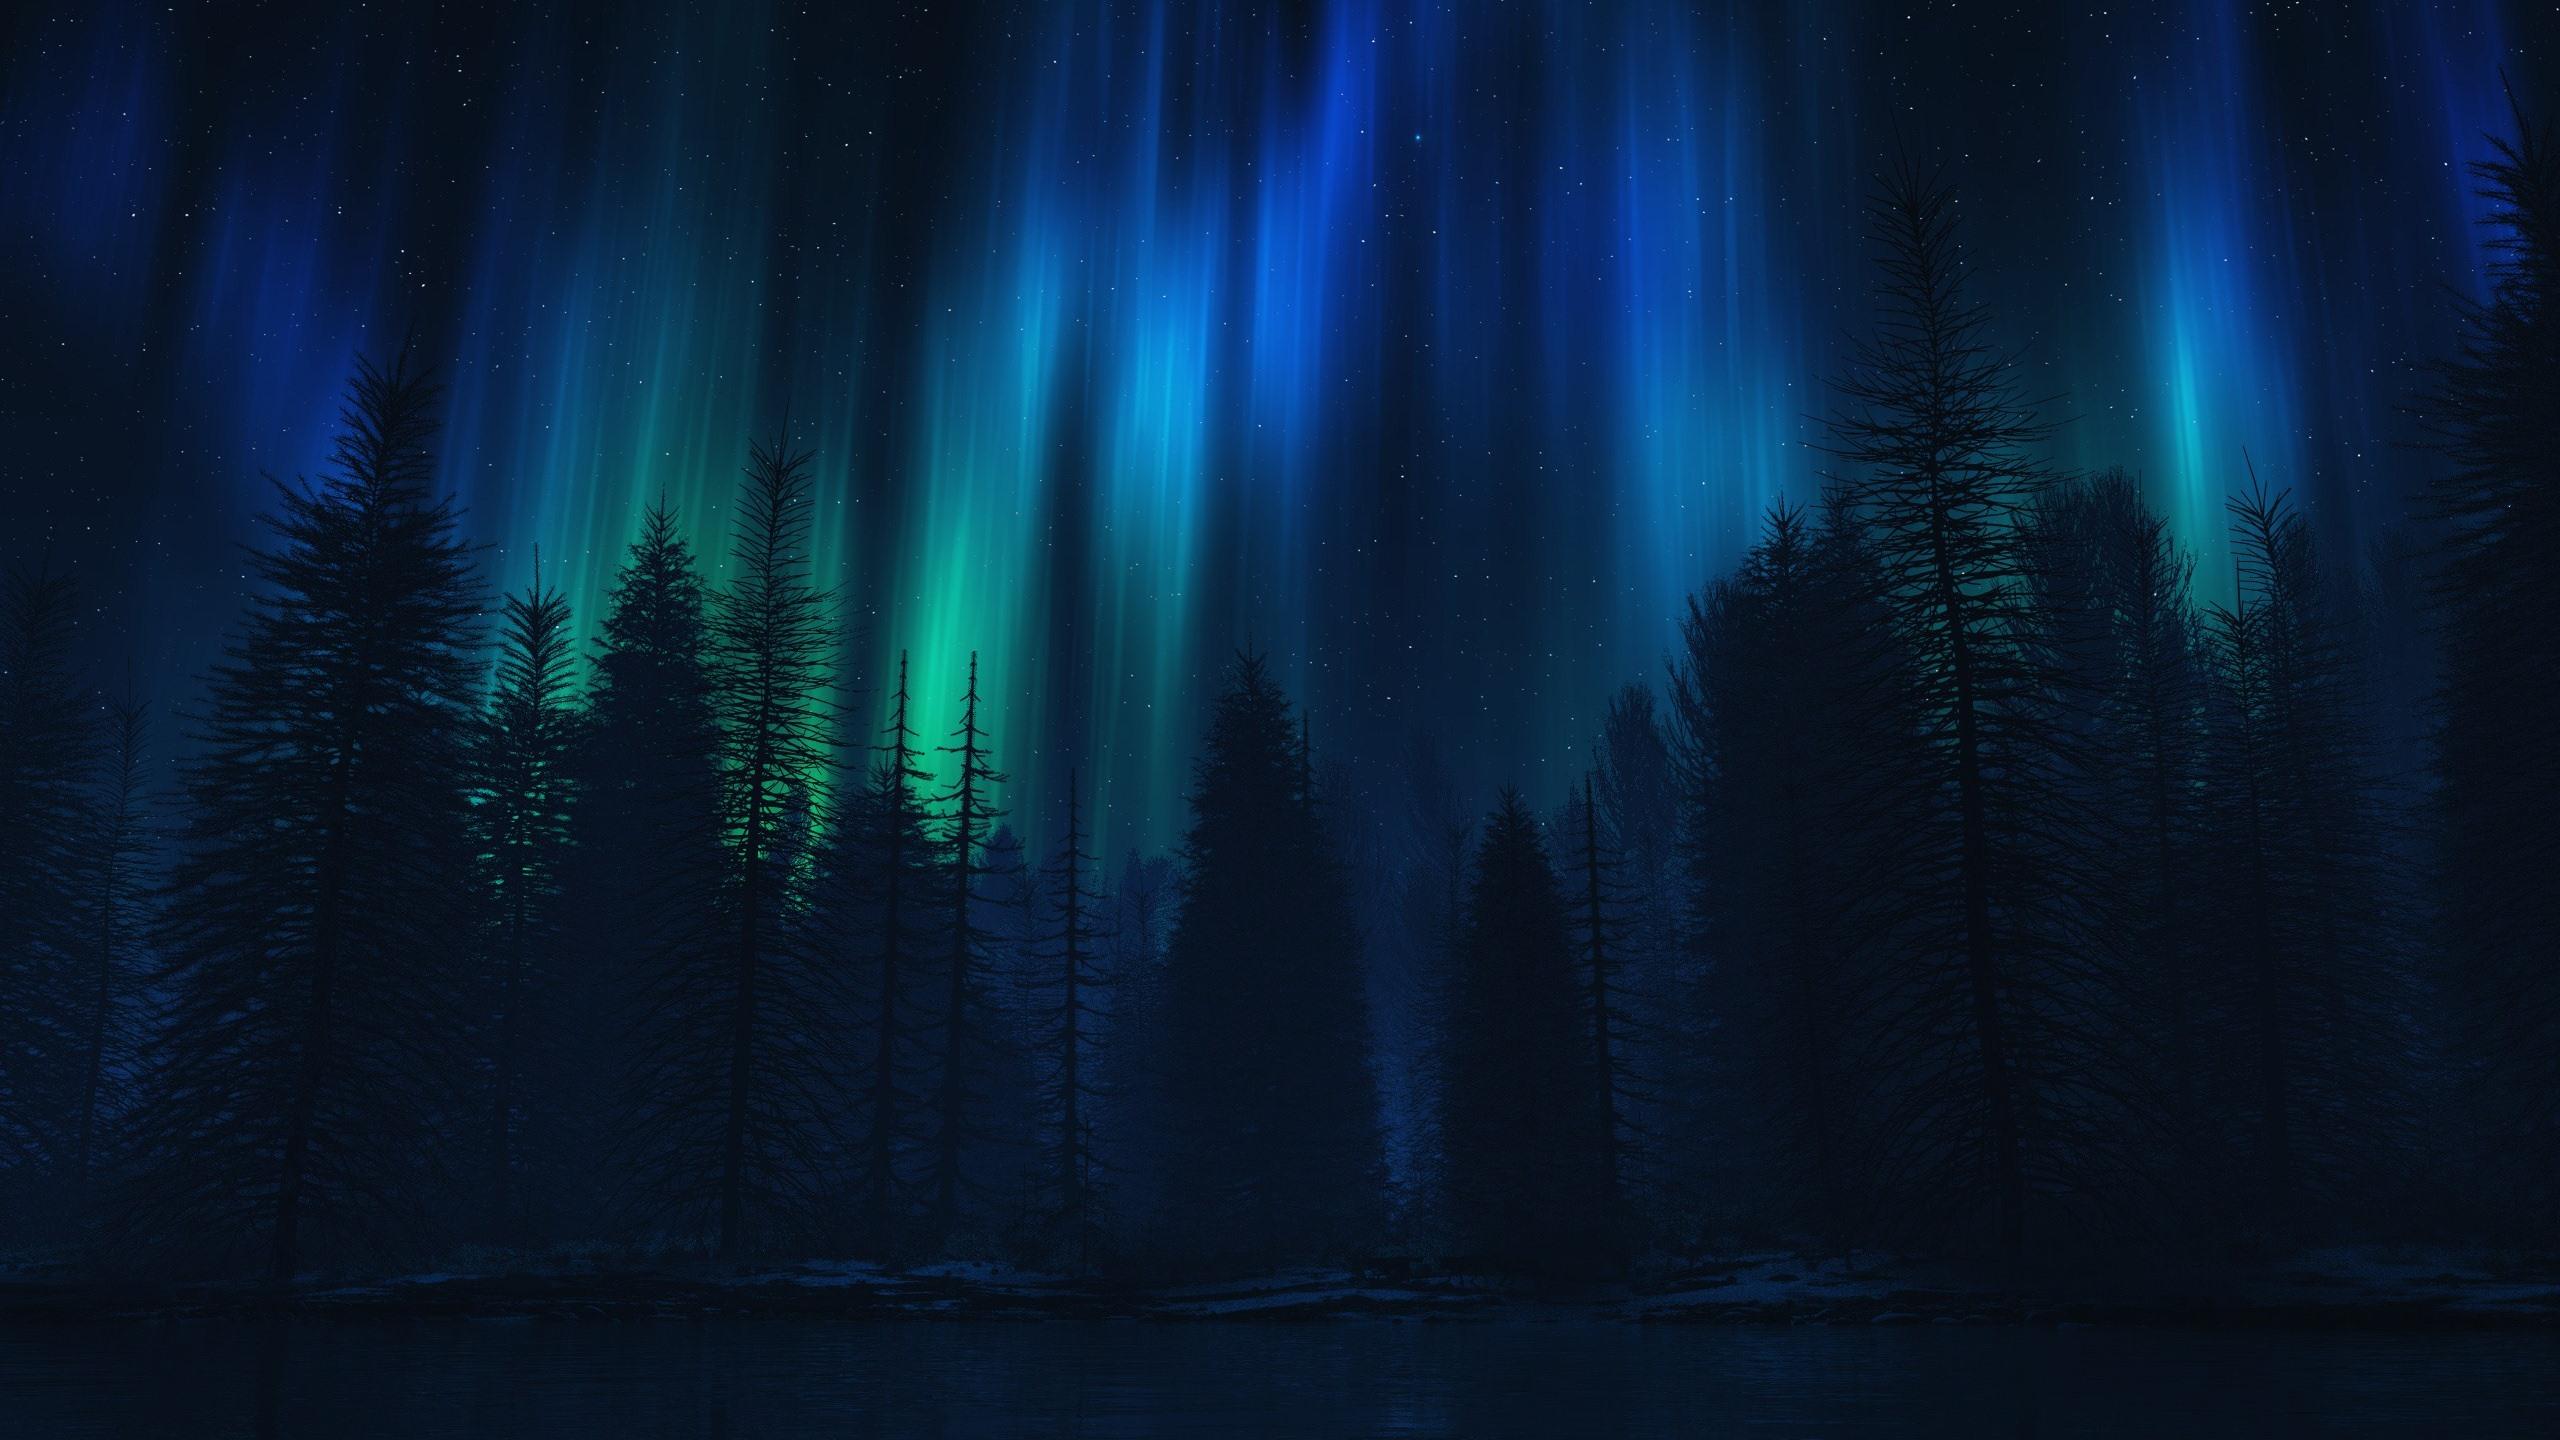 壁紙 オーロラ 木 夜 シルエット 2560x1440 Qhd 無料のデスクトップの背景 画像